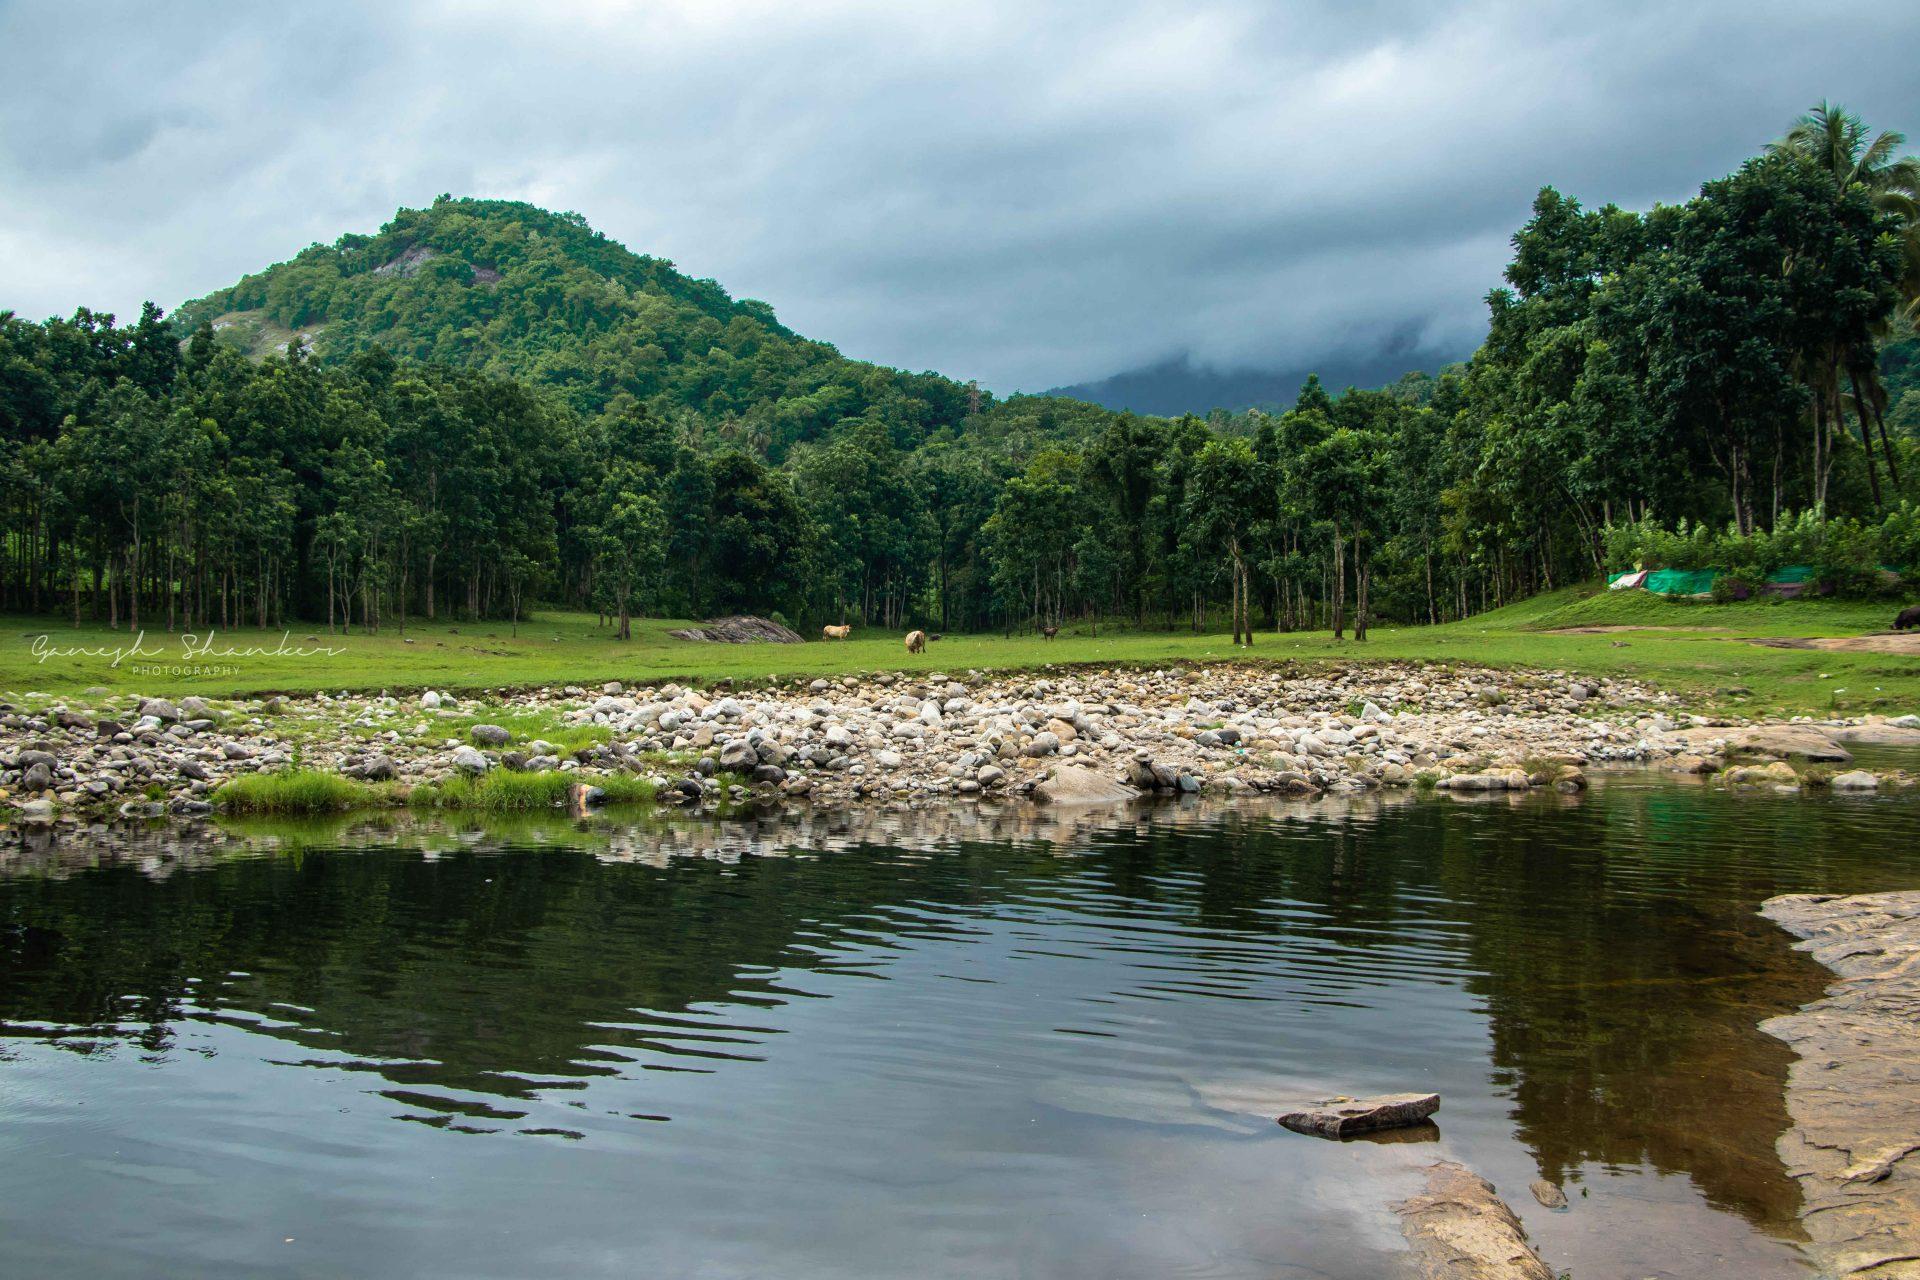 kakkayam-landscape-photography-ganesh-shanker-kk